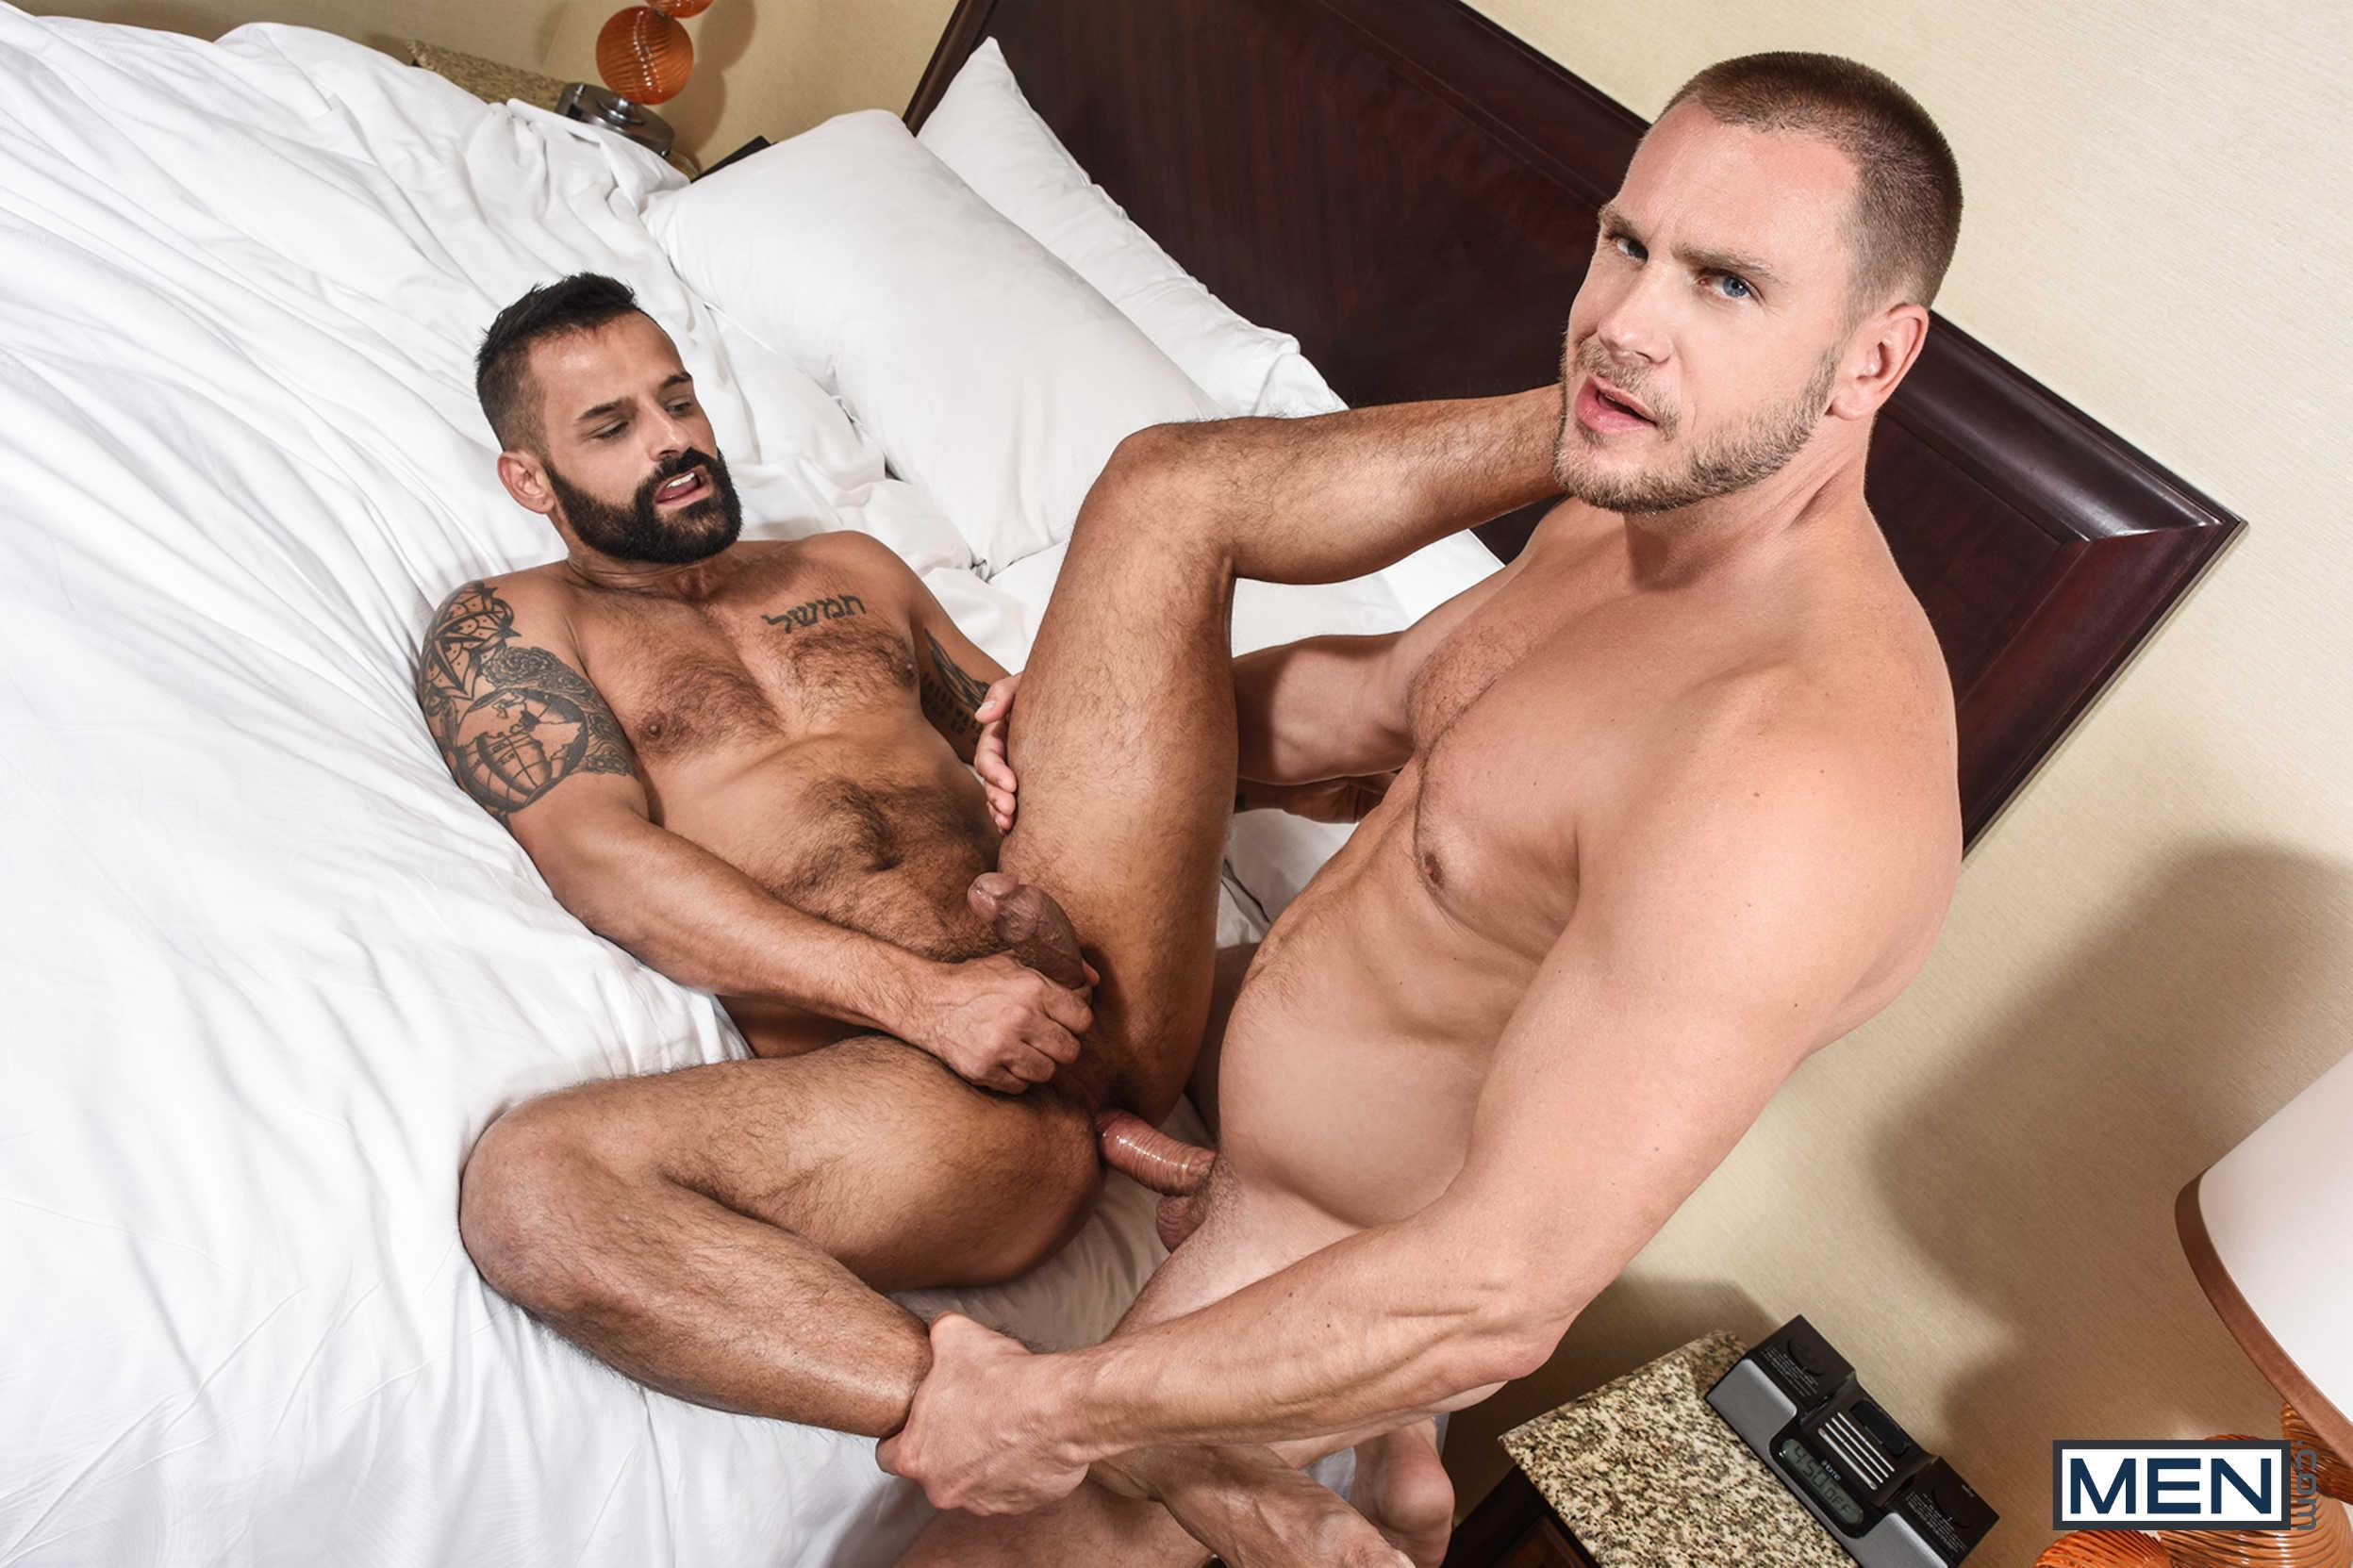 xxx teatro porno orgias de soldados gay